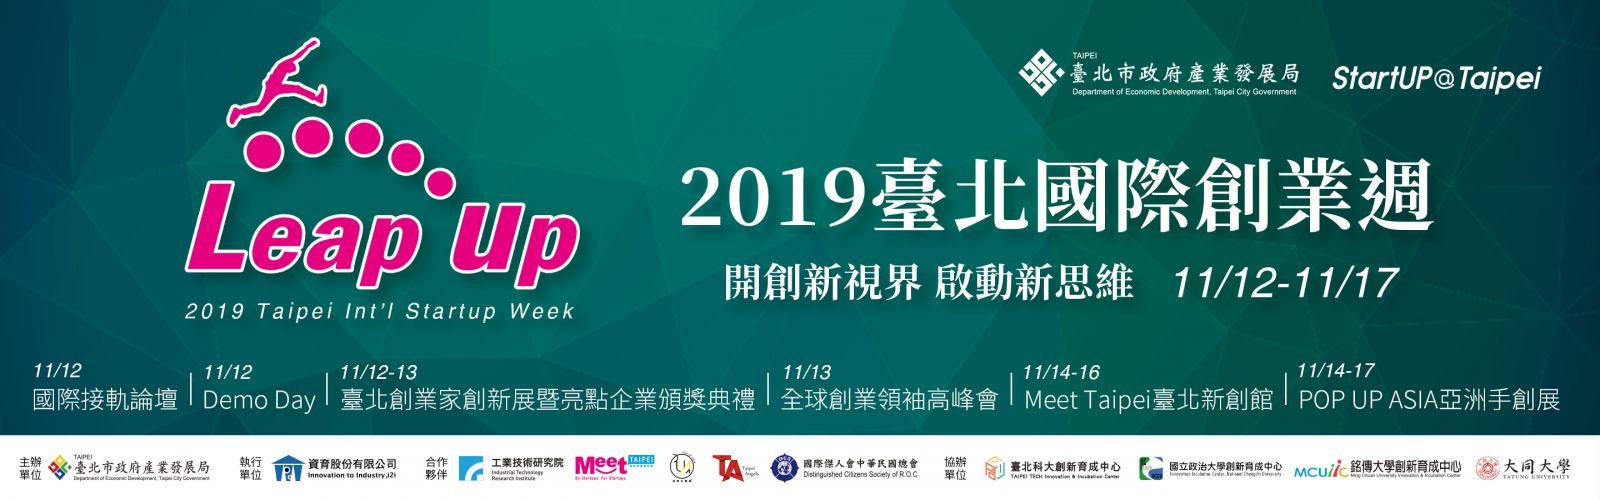 2019 Taipei Int'l Startup Week 11/13 StartUP@Taipei Global Linkage ForumImage